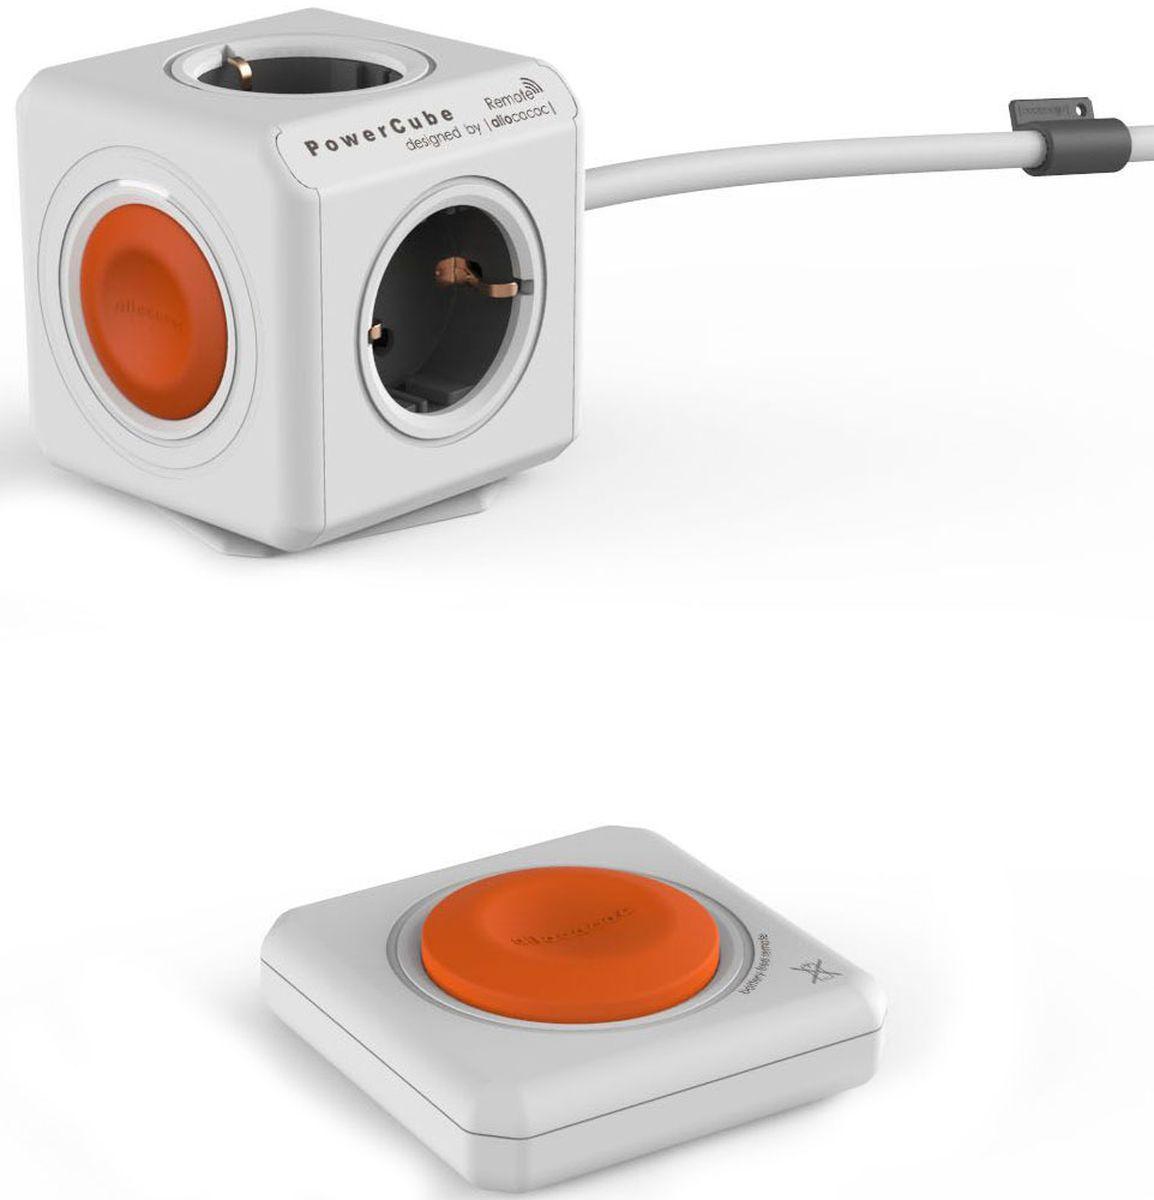 Allocacoc PowerCube Extended Remote Set, White сетевой разветвитель1512/EUEXRMДанная версия Allocacoc PowerCube Extended Remote Set, оснащенная креплением, может быть установлена в любом месте: на столе, на стене, под столешницей и т.д. Разветвитель с ДУ PowerCube Remote устанавливает новый стандарт удобства в использовании. Пульт ДУ PowerRemote имеет одну большую кнопку. Клейкая лента многоразового применения позволяет установить пульт ДУ на видном и легкодоступном месте, так что он никогда не потеряется. Кроме того, модульная конструкция позволяет соединить пульт ДУ PowerRemote с несколькими разветвителями PowerCube и наоборот, чтобы создать такую систему, которая будет полностью отвечать Вашим потребностям. И на удивление... в пульте ДУ PowerRemote НЕ ИСПОЛЬЗУЮТСЯ БАТАРЕЙКИ, так как компания Allocacoc заботится о защите окружающей среды.